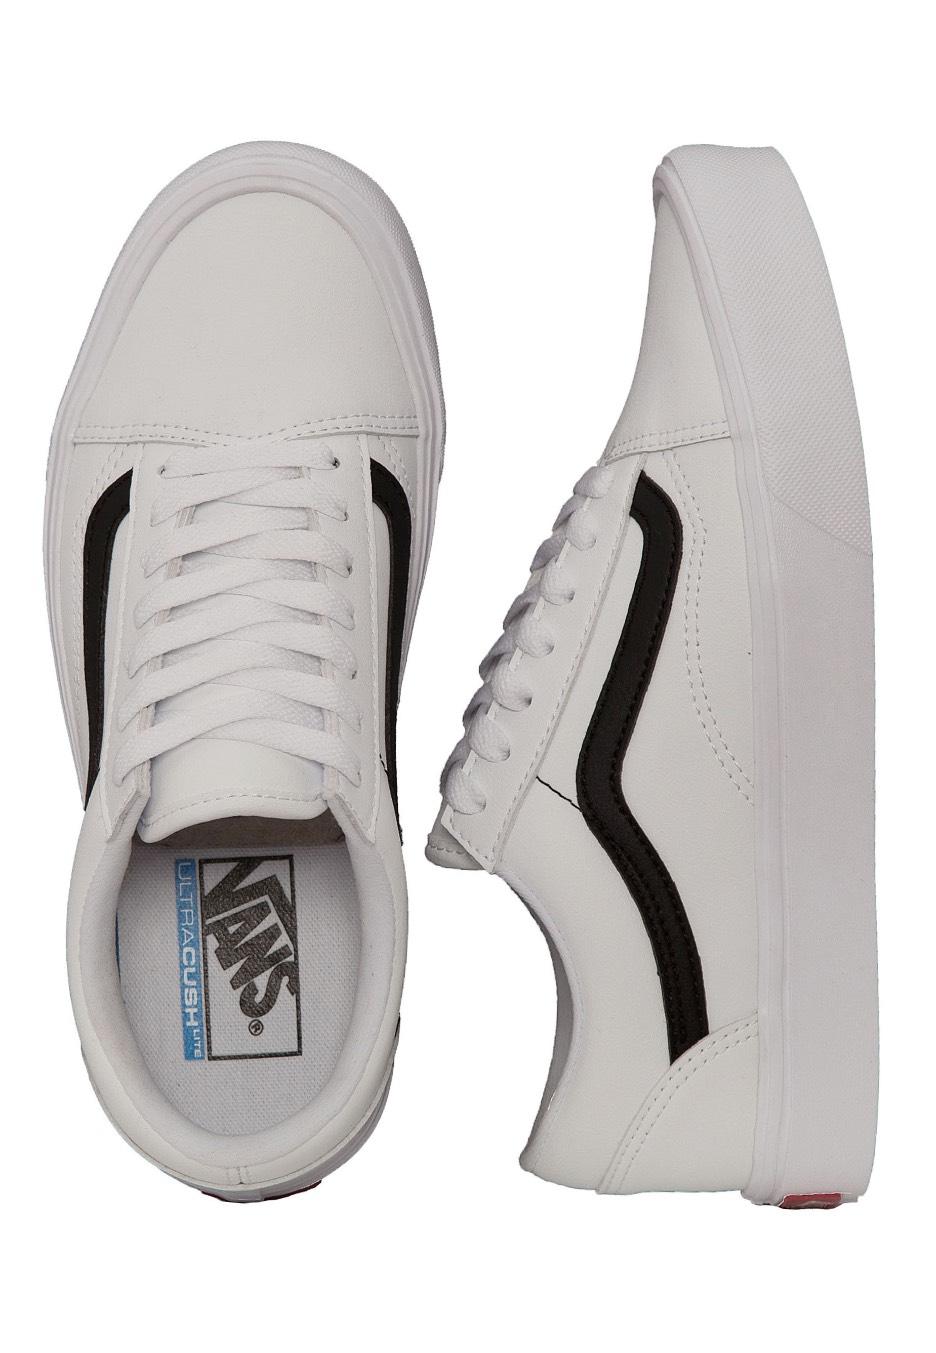 Vans Old Skool Lite Classic Tumble True WhiteBlack Girl Schuhe